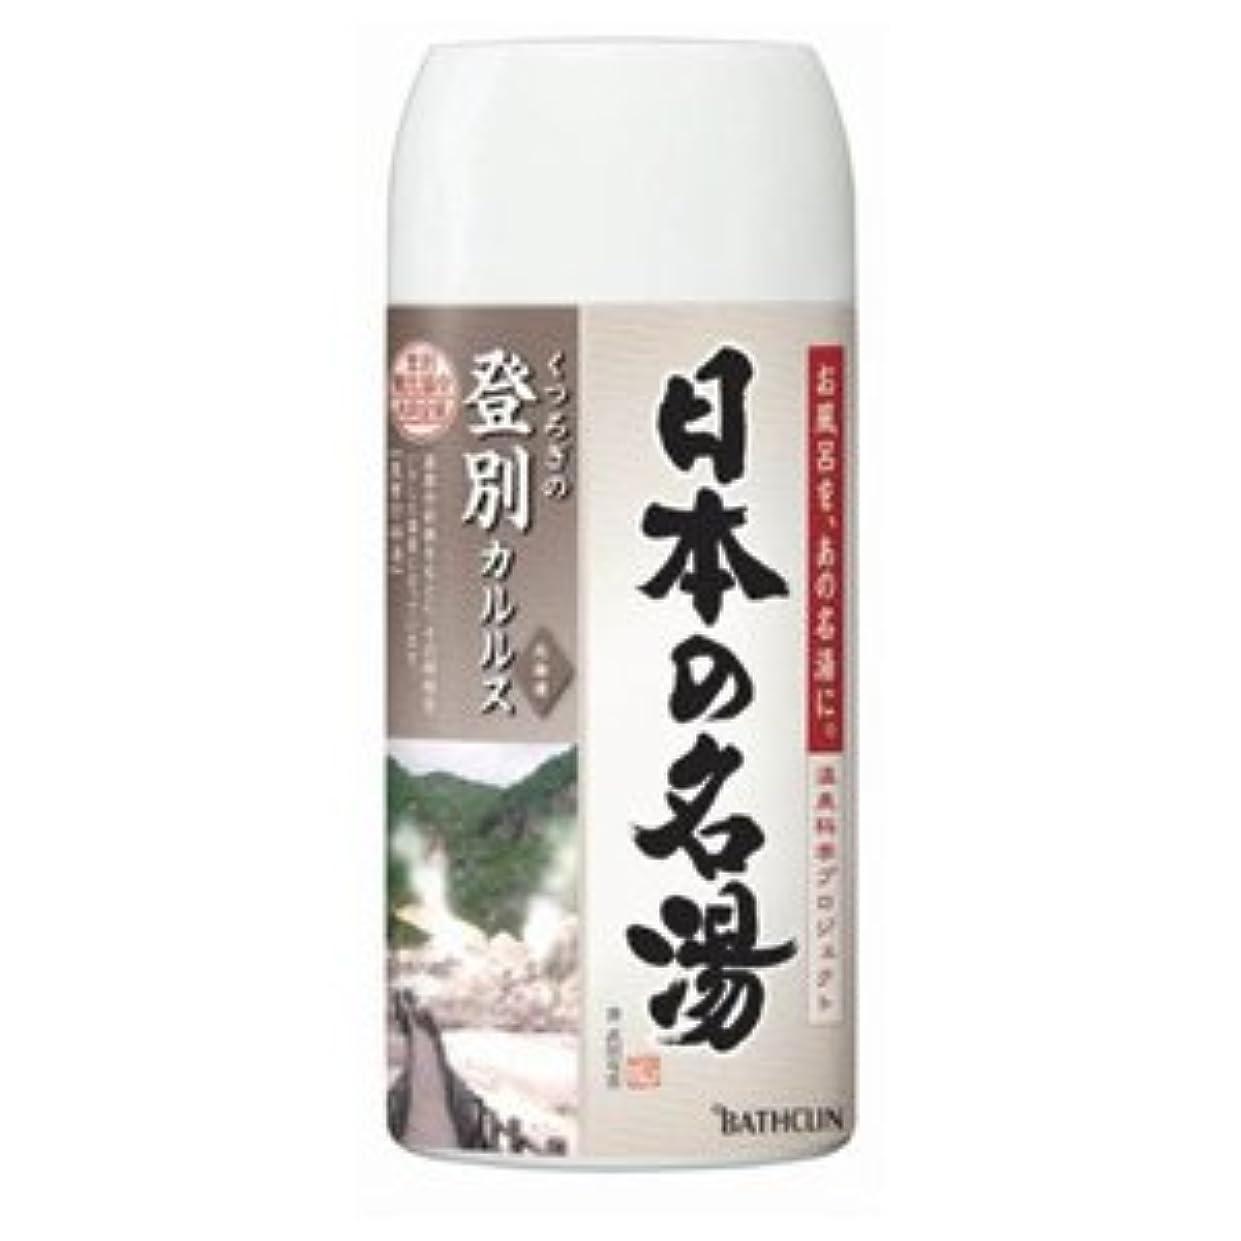 暗くする素子準備する日本の名湯 登別カルルス 450g にごりタイプ 入浴剤 (医薬部外品) × 10個セット